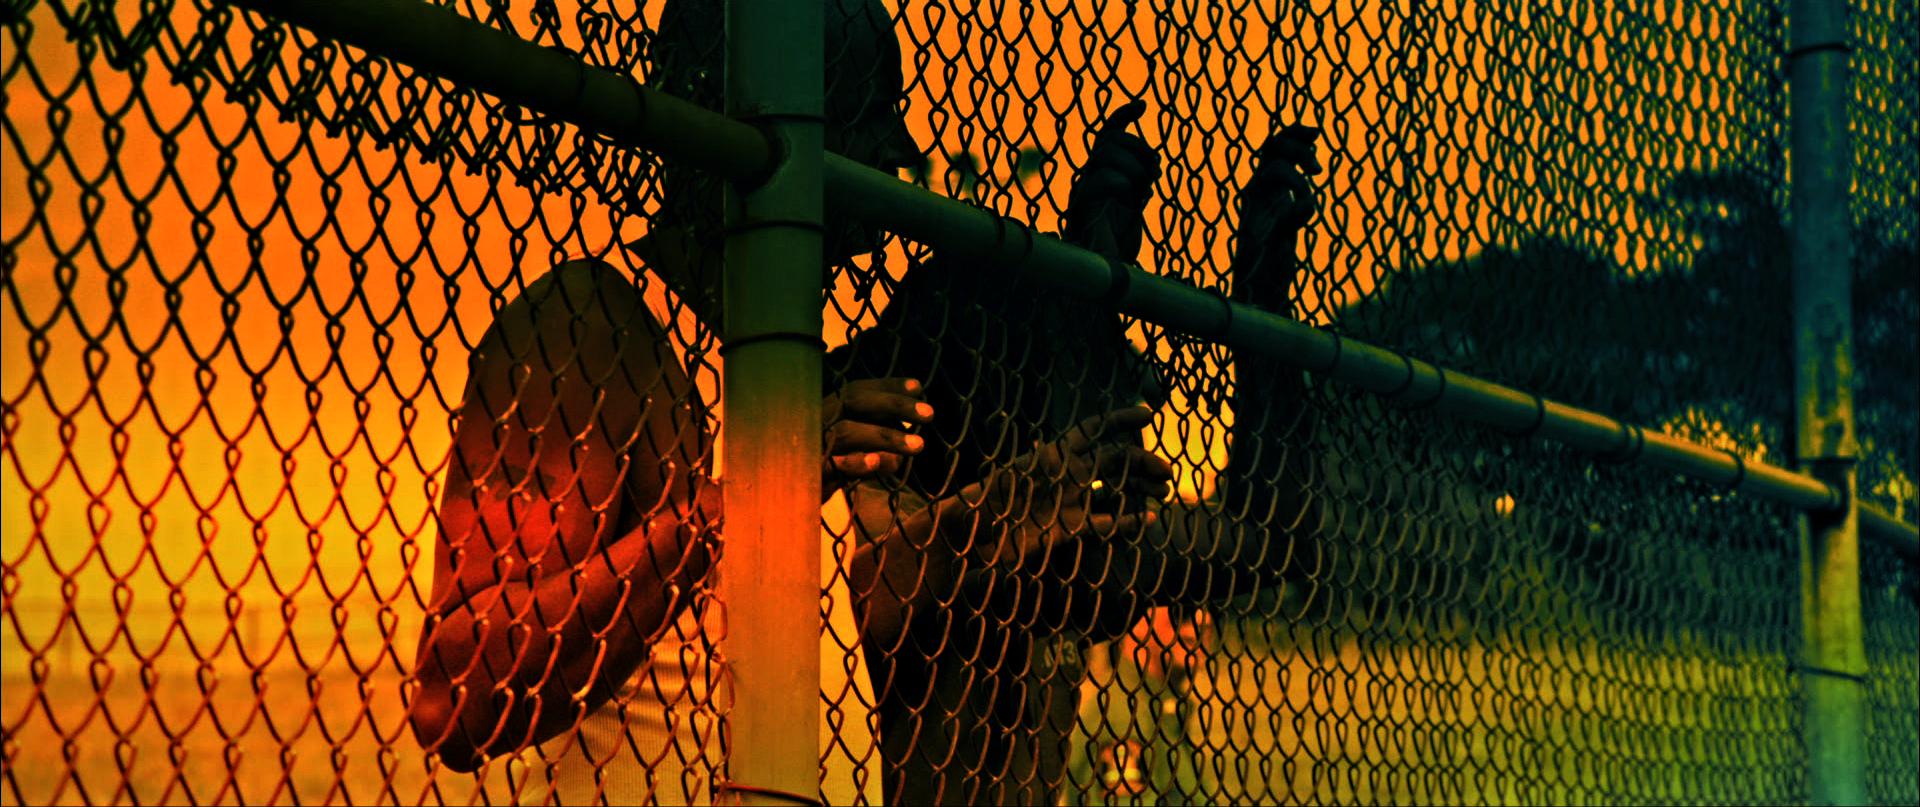 prison fence orange.png